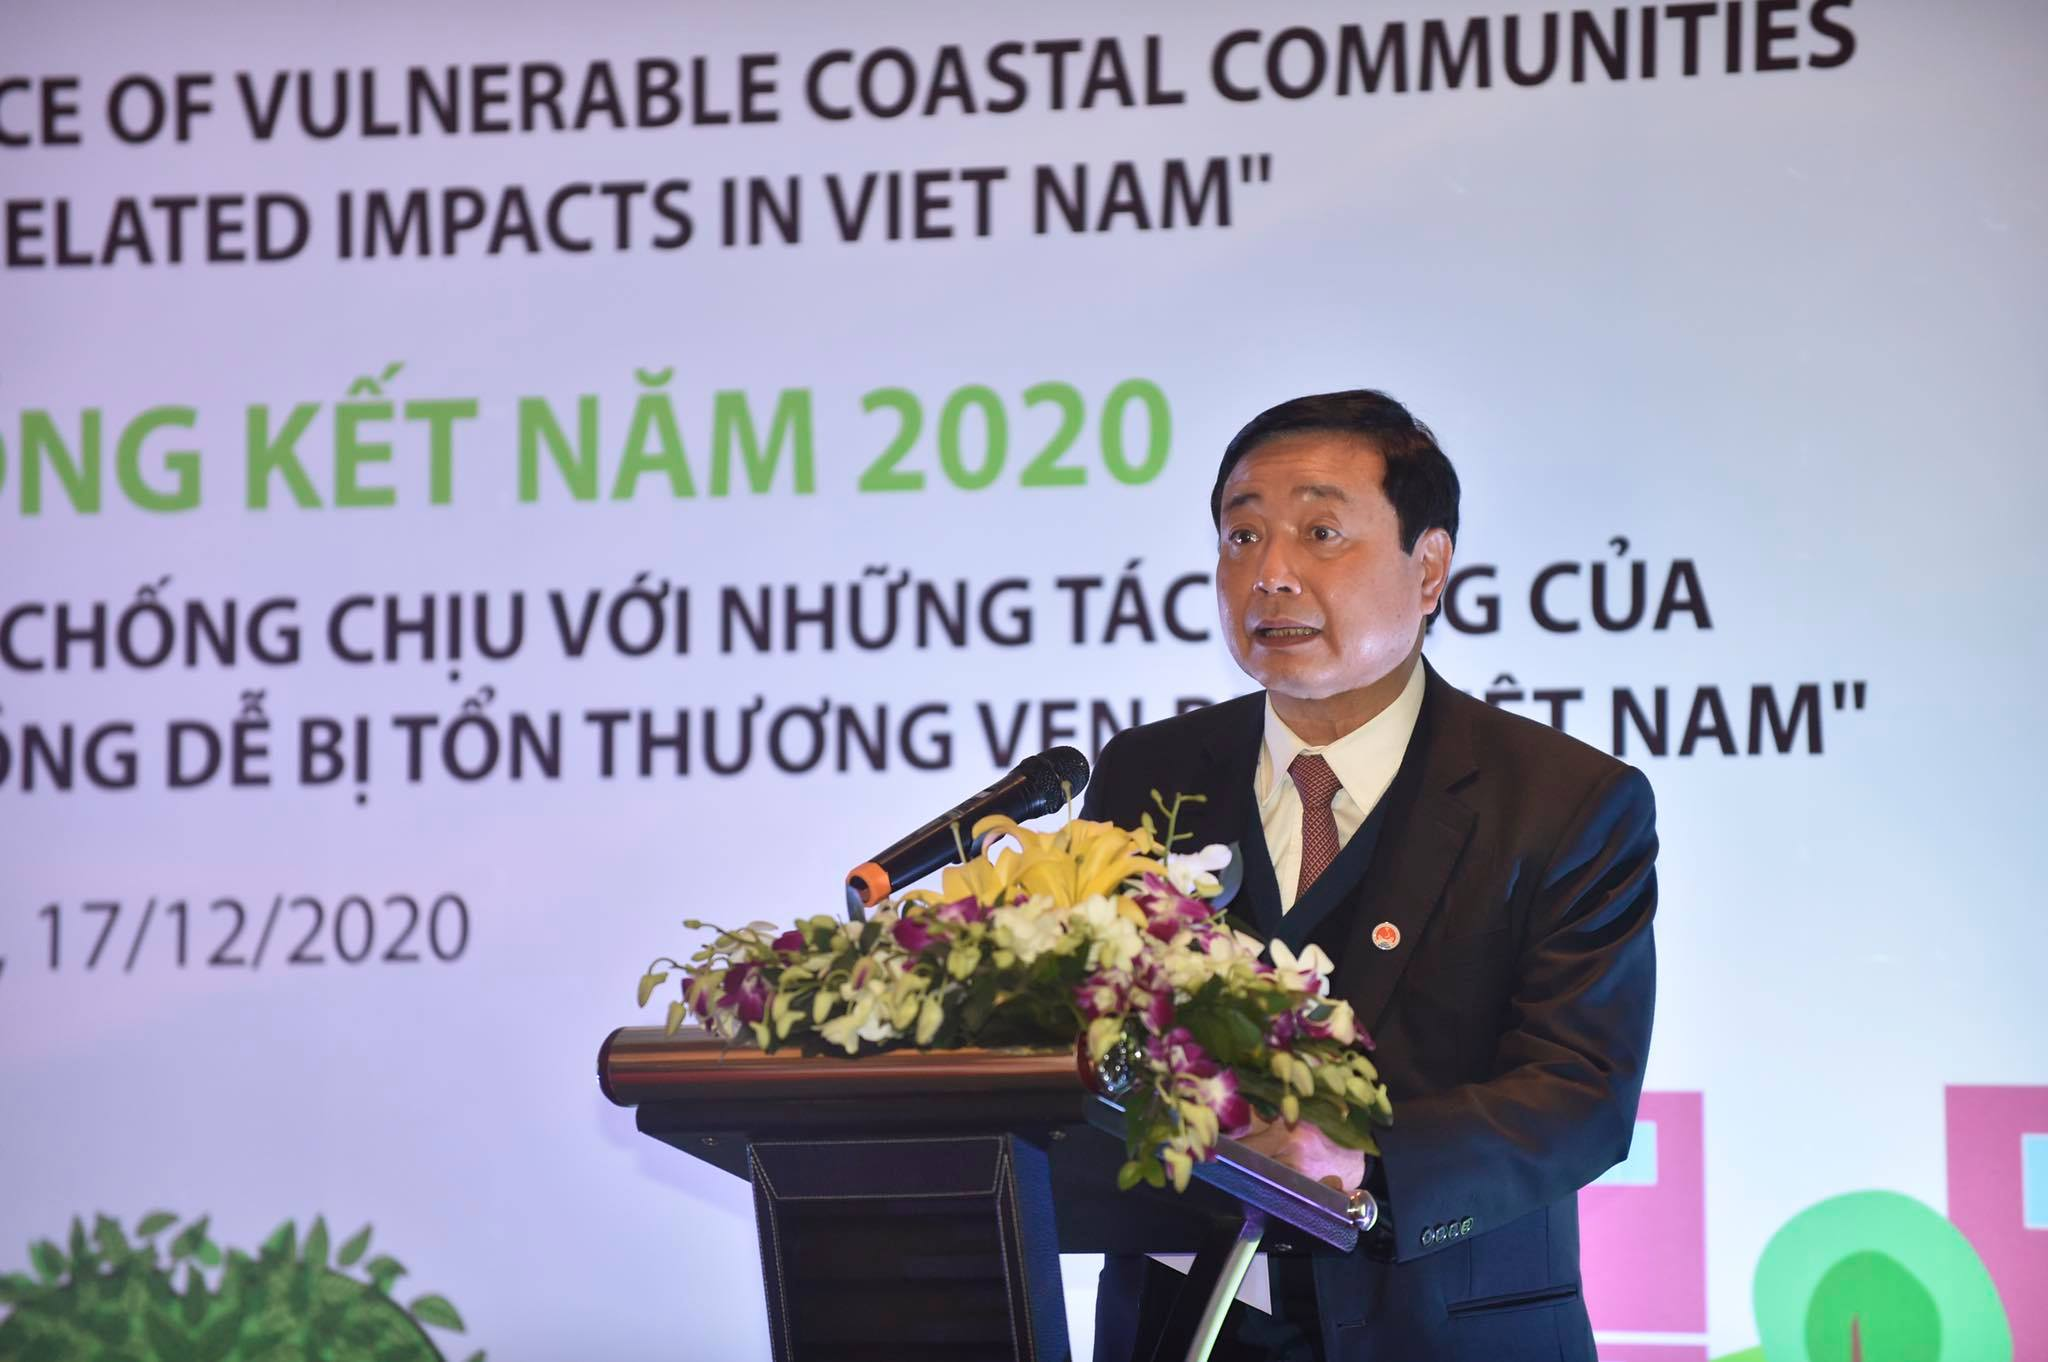 Ông Trần Quang Hoài, Tổng cục trưởng Tổng cục PCTT phát biểu tại hội nghị